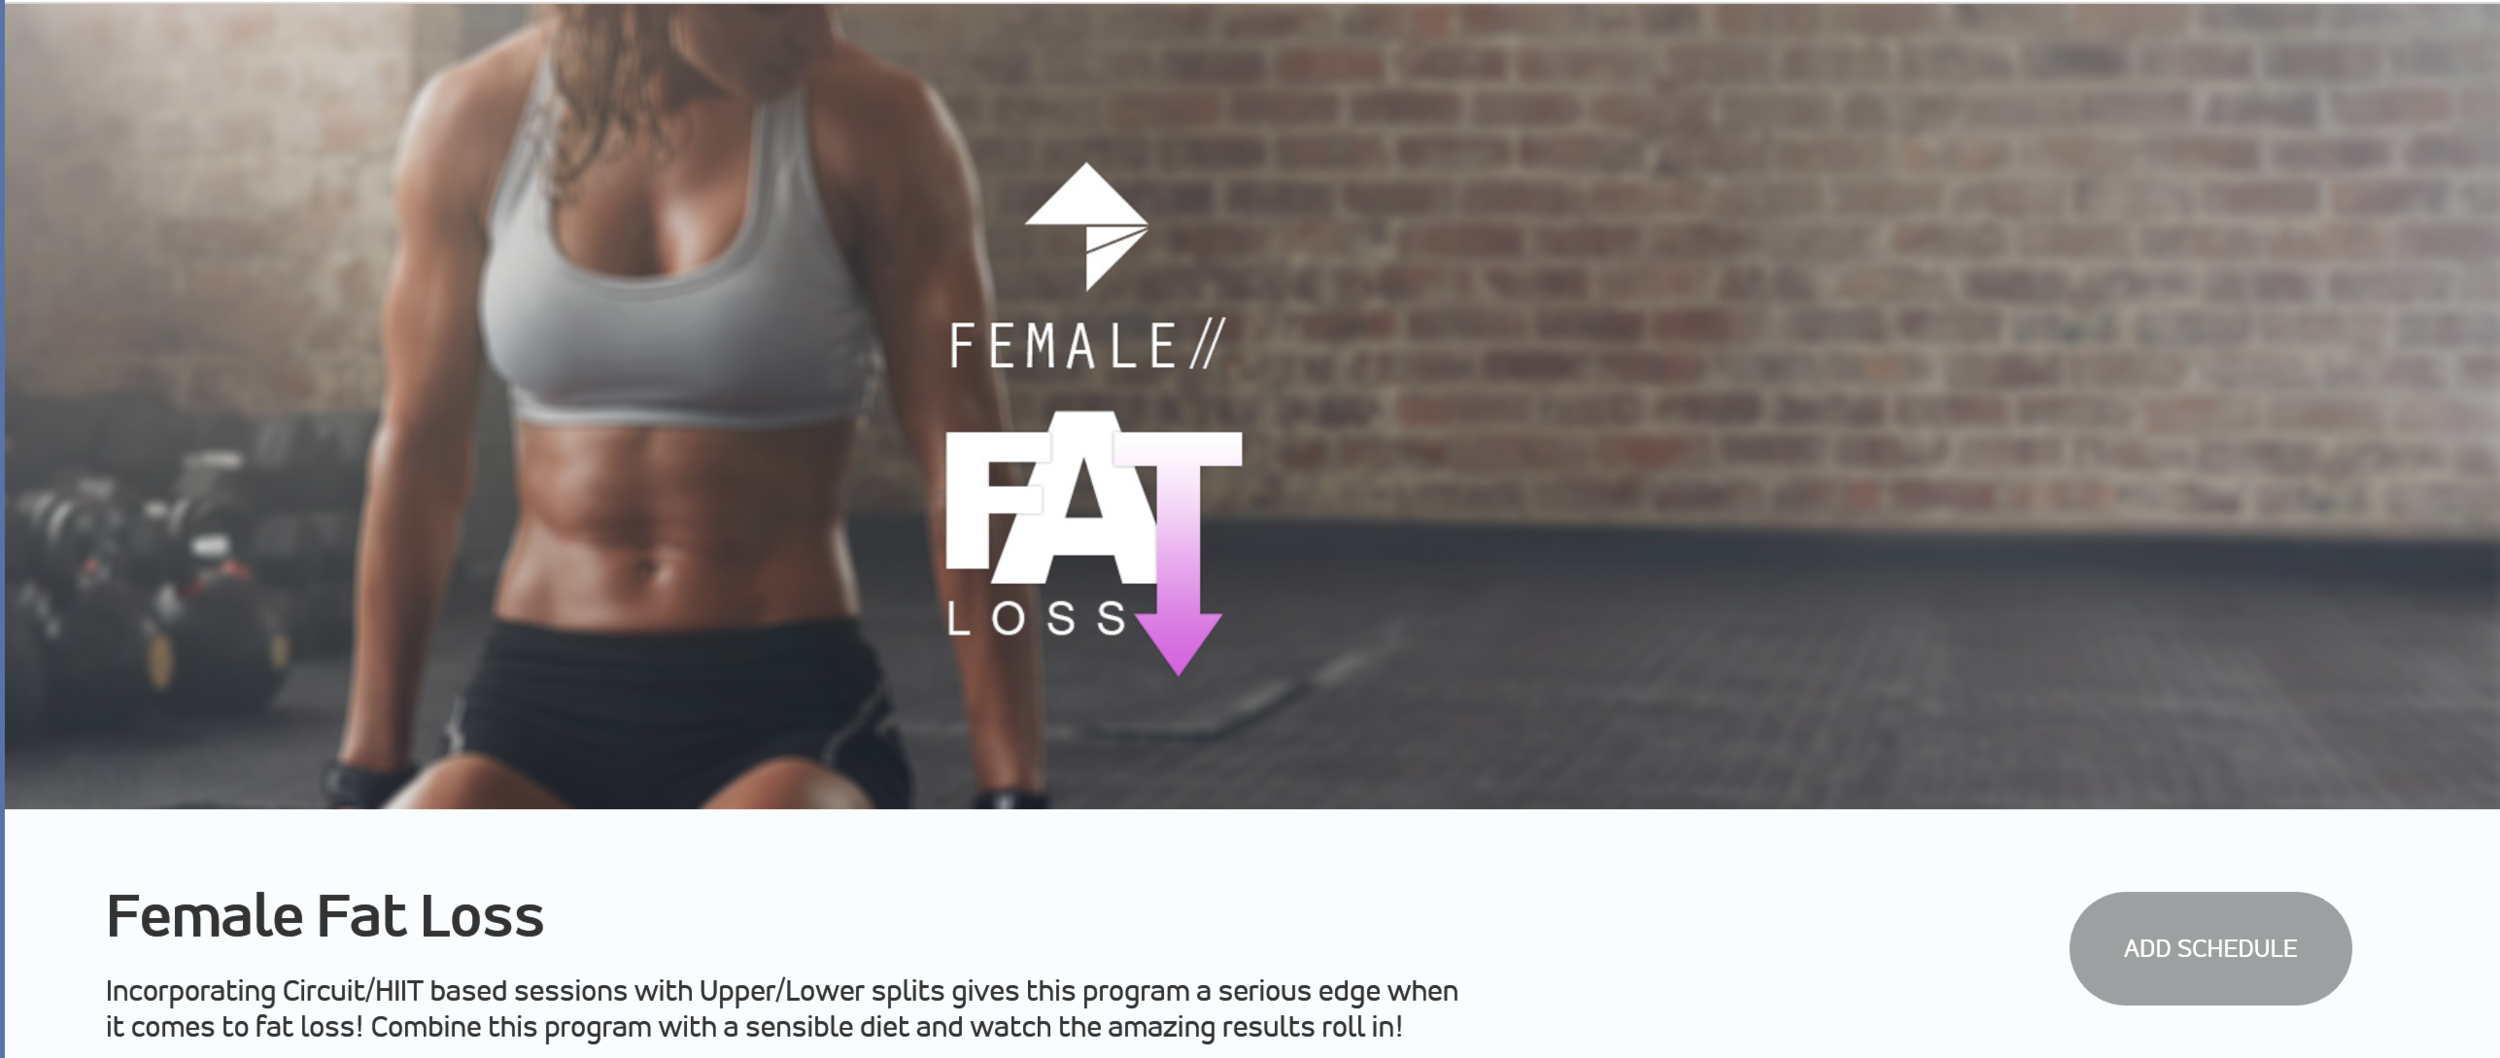 Female Fat Loss.png